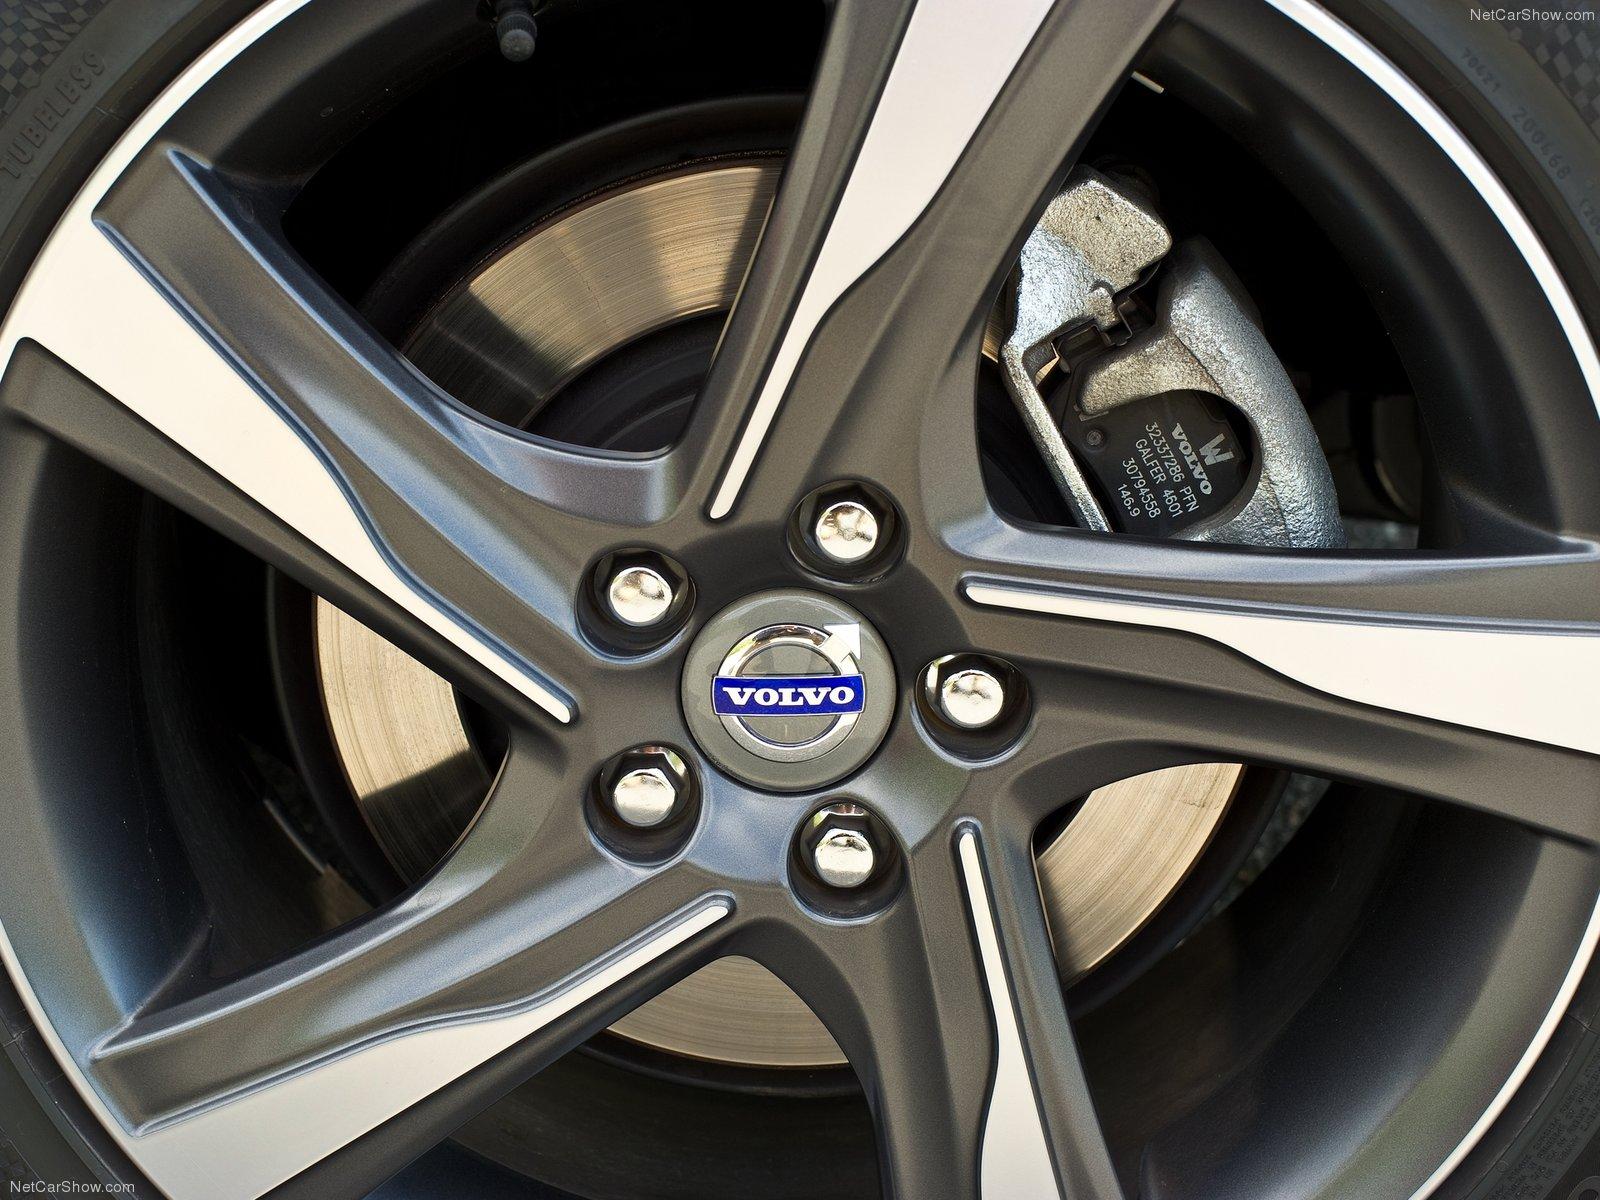 Volvo S60 R-Design 2011 Volvo-S60_R-Design-2011-1600-35